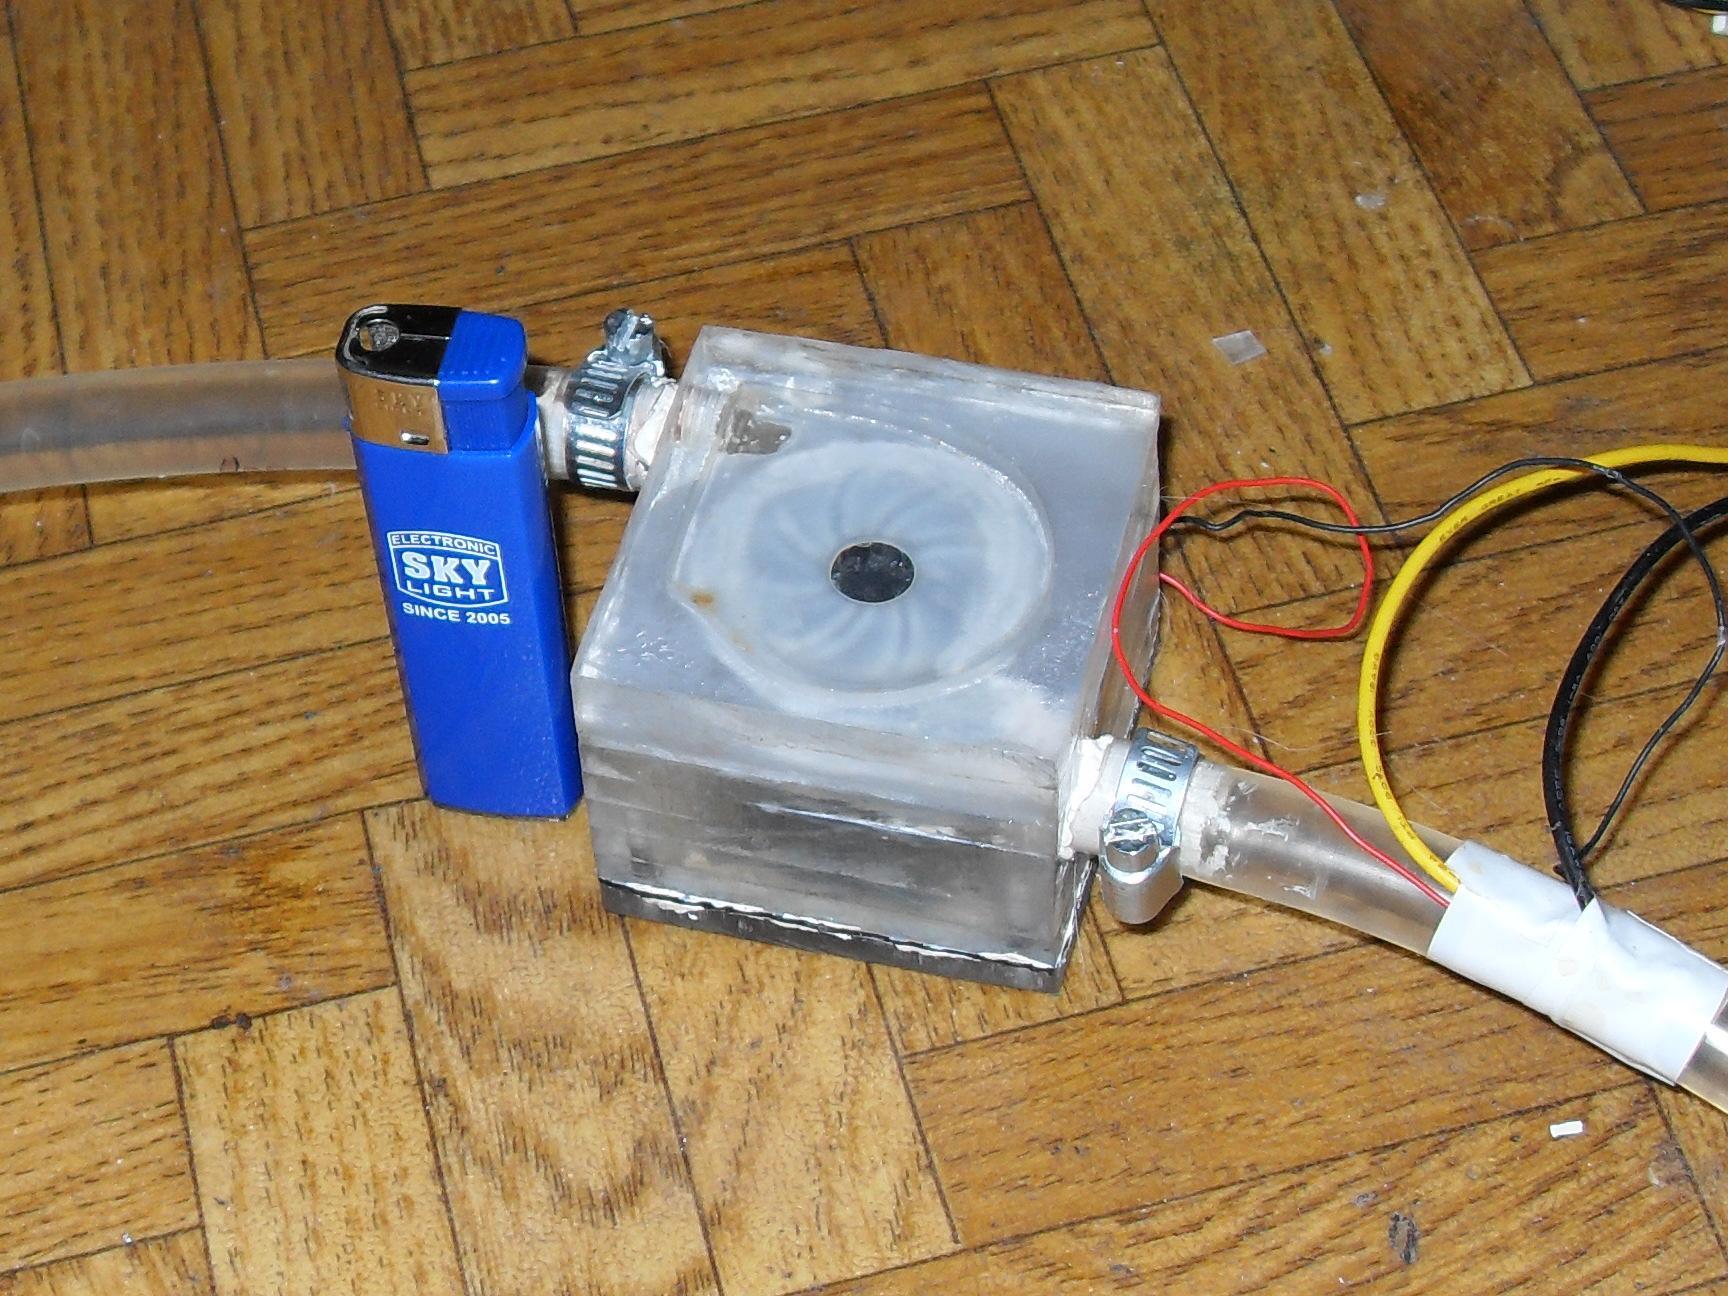 Изготовление вакуумного насоса своими руками: как сделать самодельный вакууматор в домашних условиях